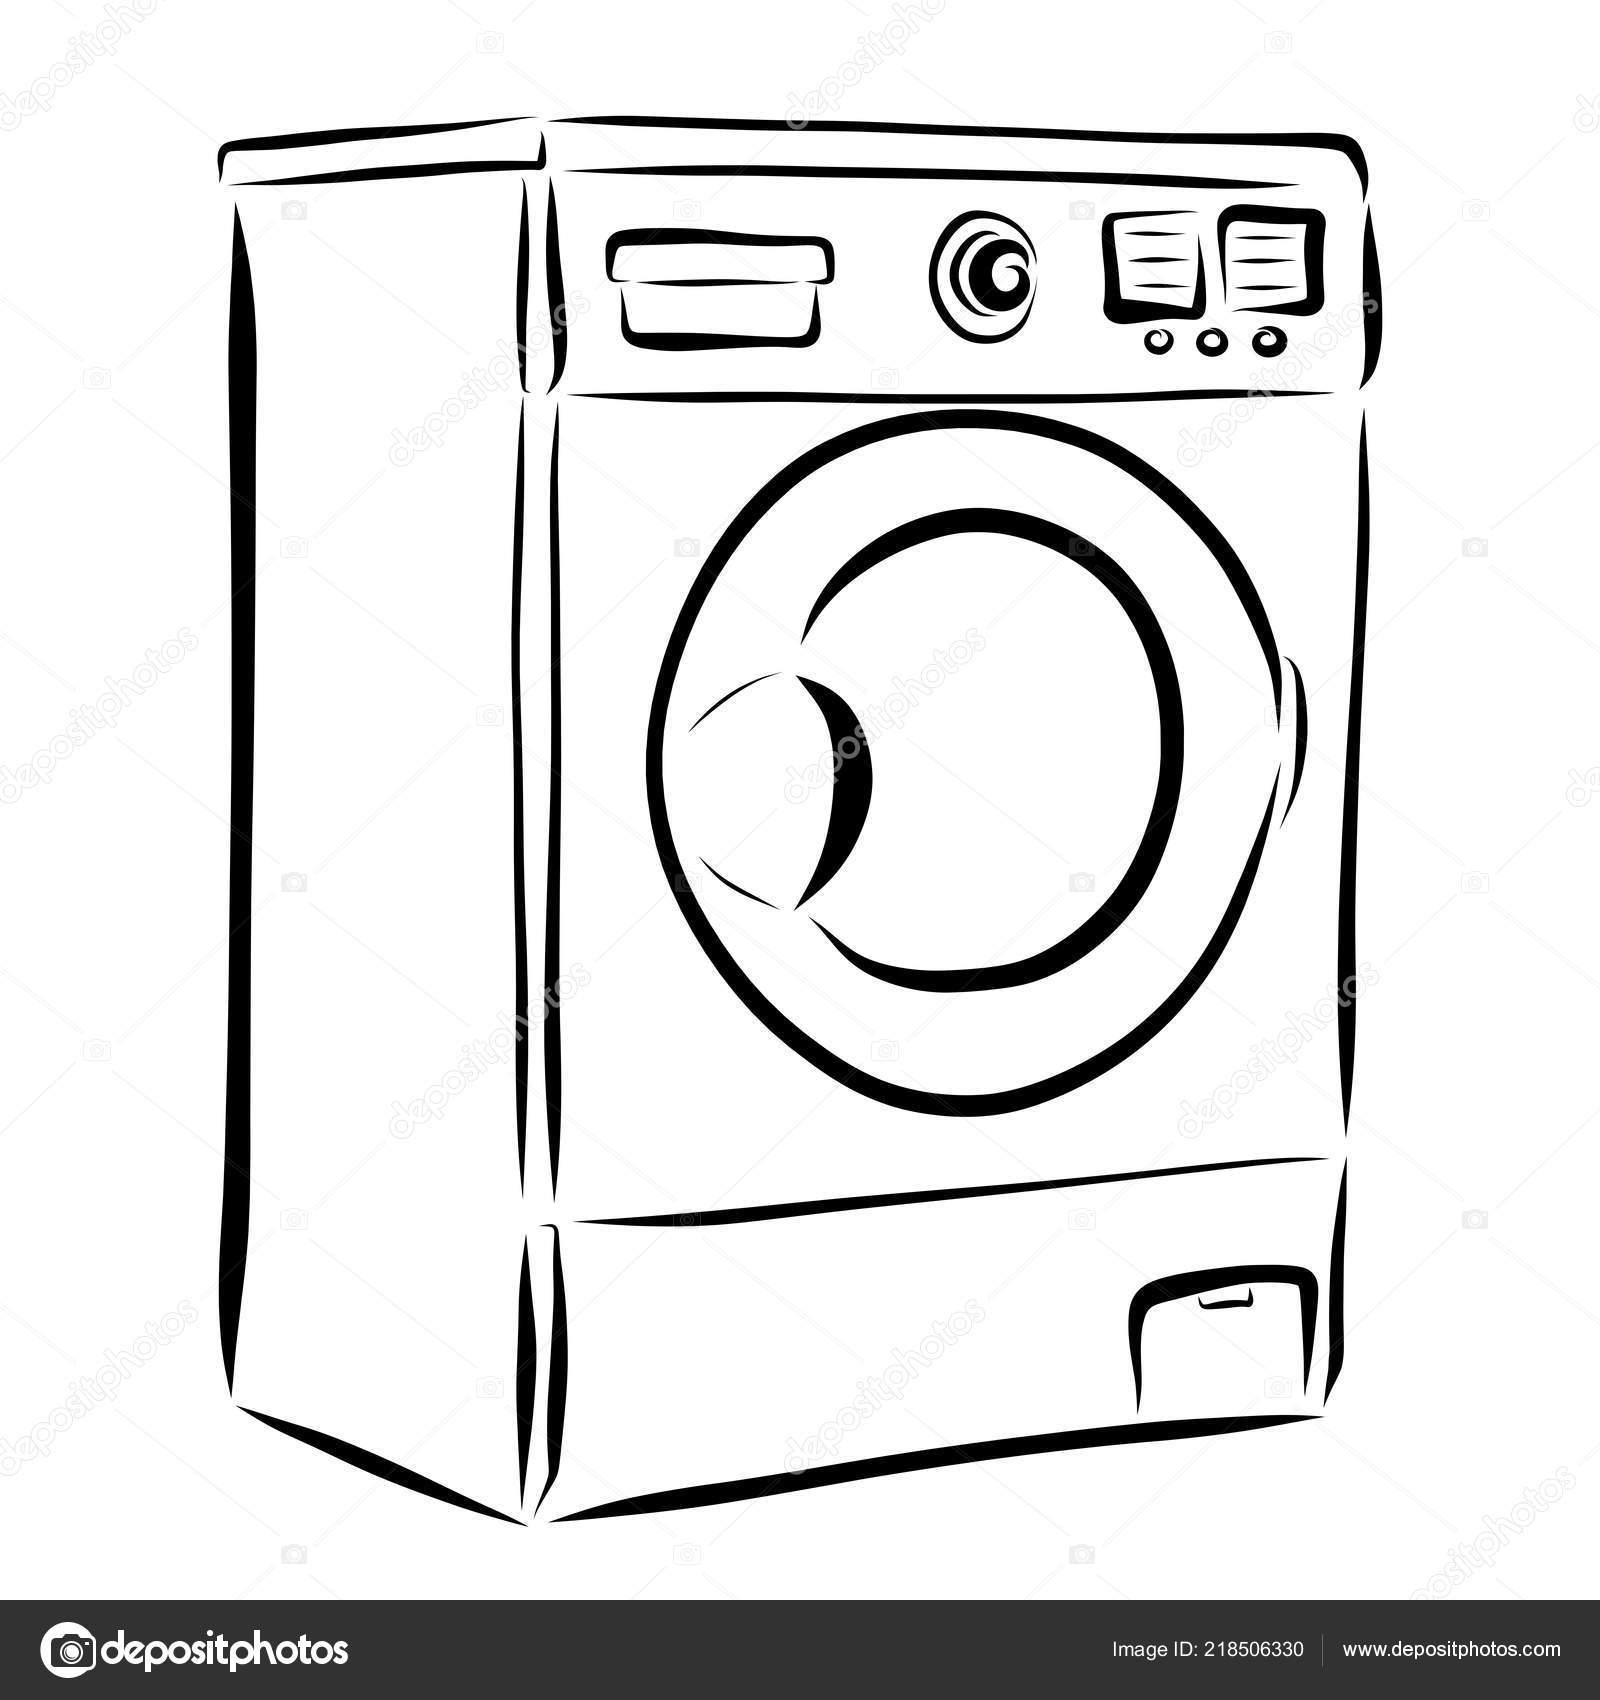 Images Washing Machine Drawing Washing Machine Drawing Black